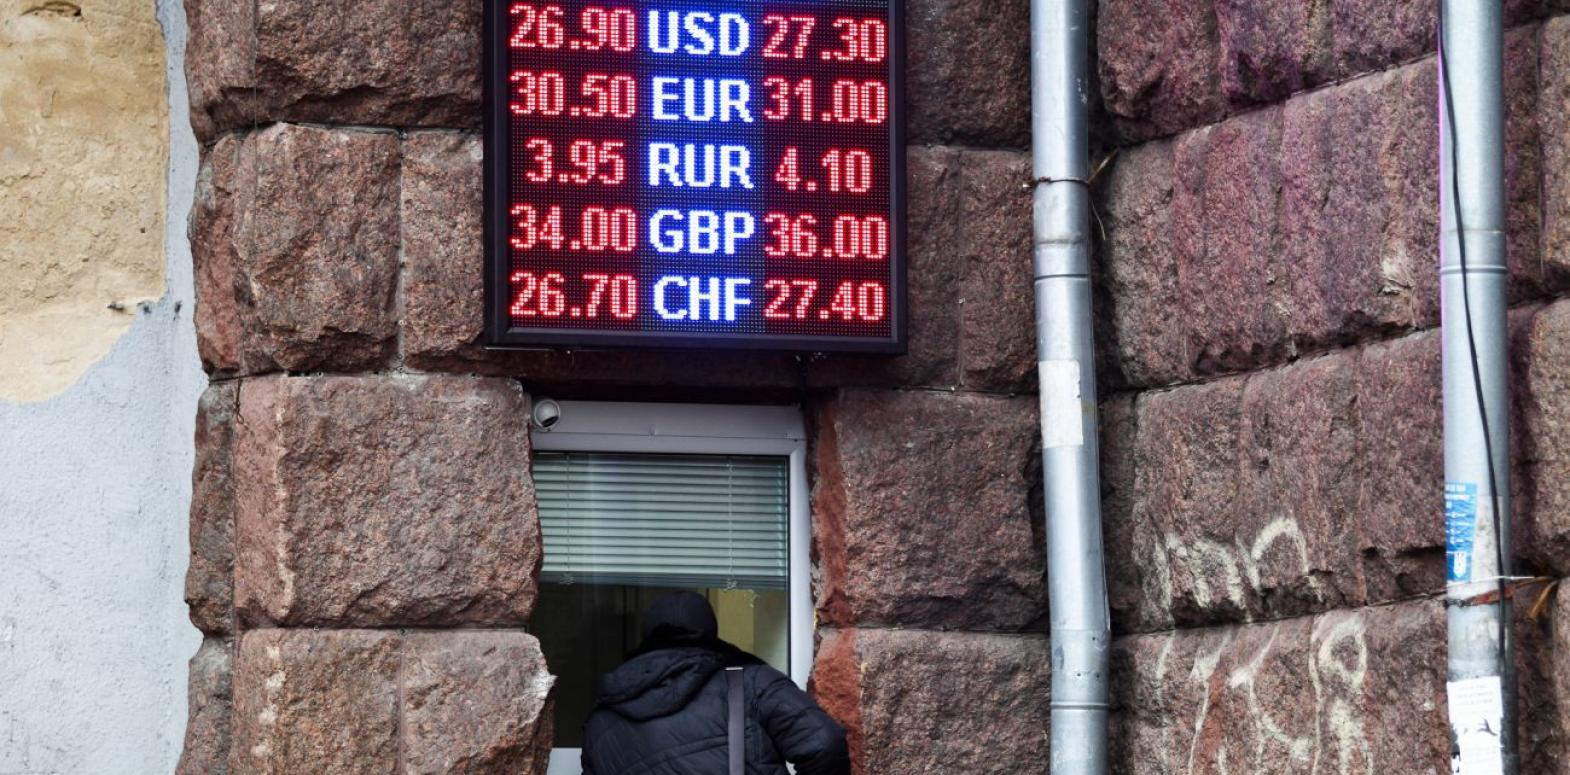 Курс доллара отреагировал на заявление Смолия об отставке бурным ростом